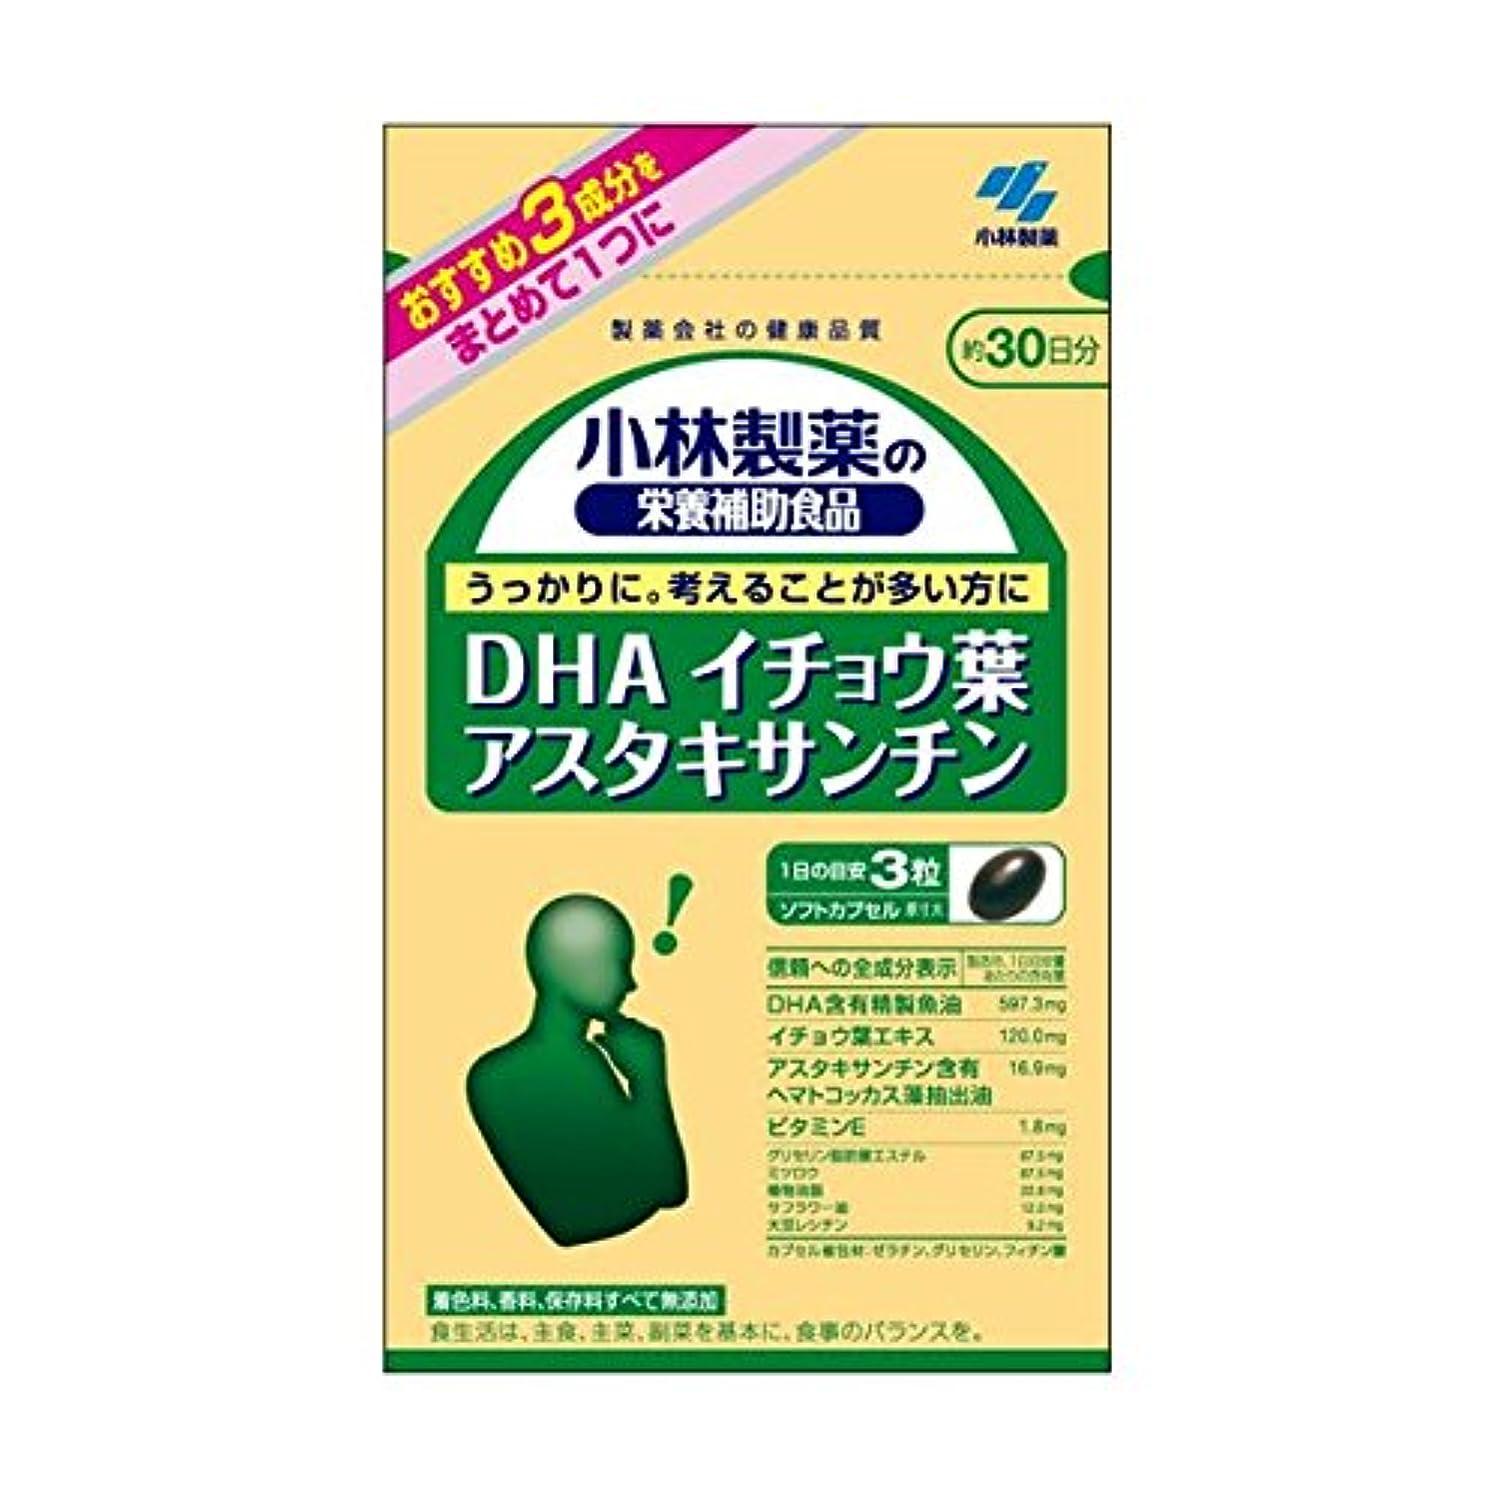 隠寝室を掃除する子供っぽい小林製薬 小林製薬の栄養補助食品 DHA イチョウ葉 アスタキサンチン90粒×2